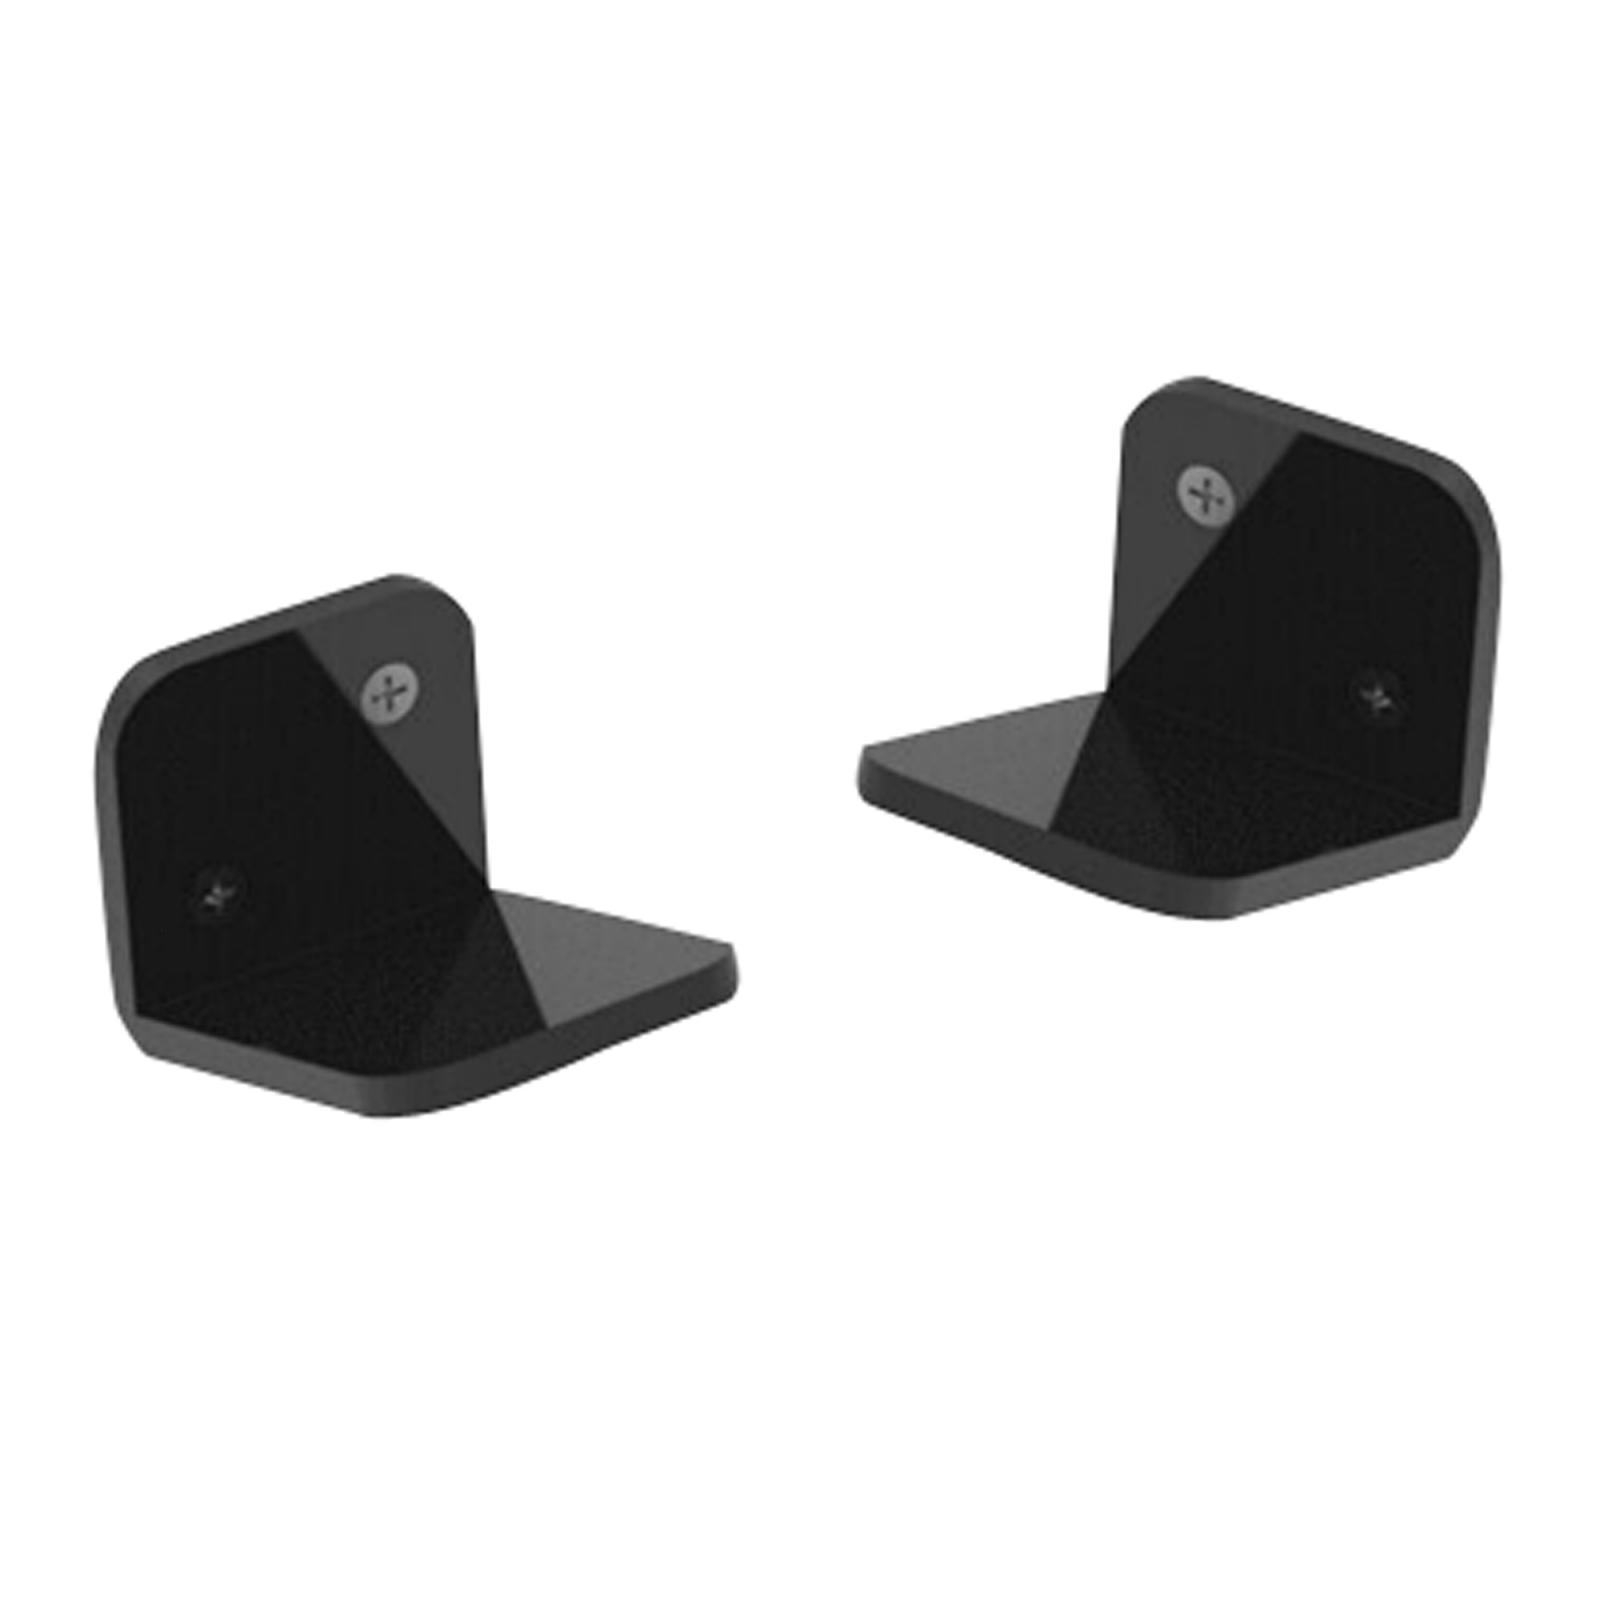 Espositore-appendiabiti-per-montaggio-a-parete-per-Skateboard-in-acrilico miniatura 21